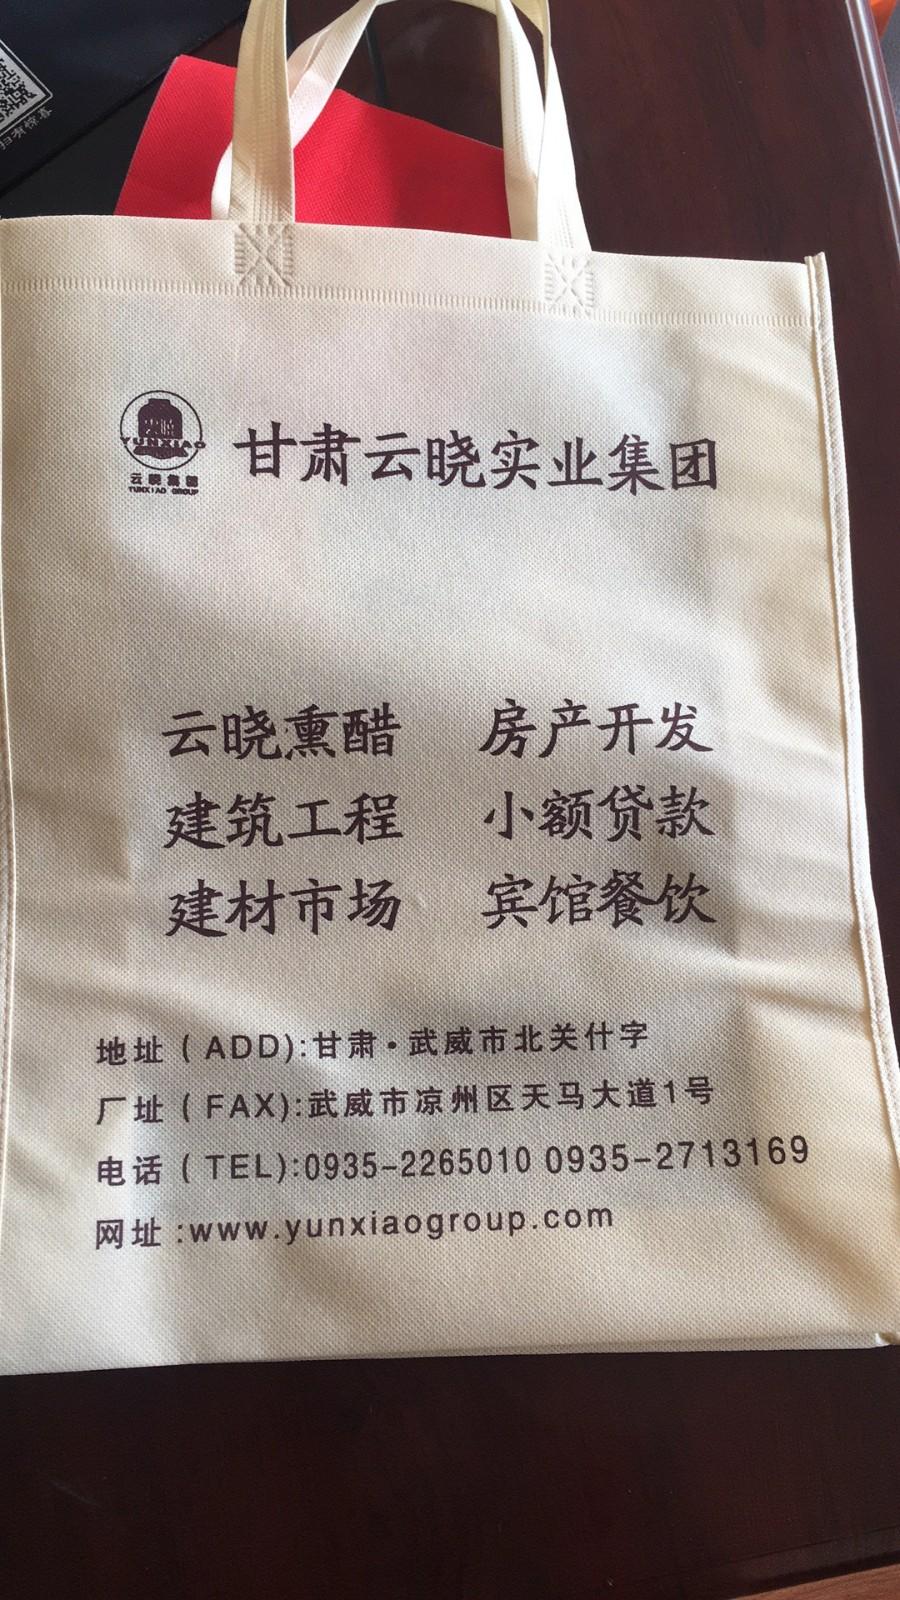 恭喜武威大酒店喜提我公司专门定制的无纺布袋!!|行业动态-兰州新源春商贸有限公司